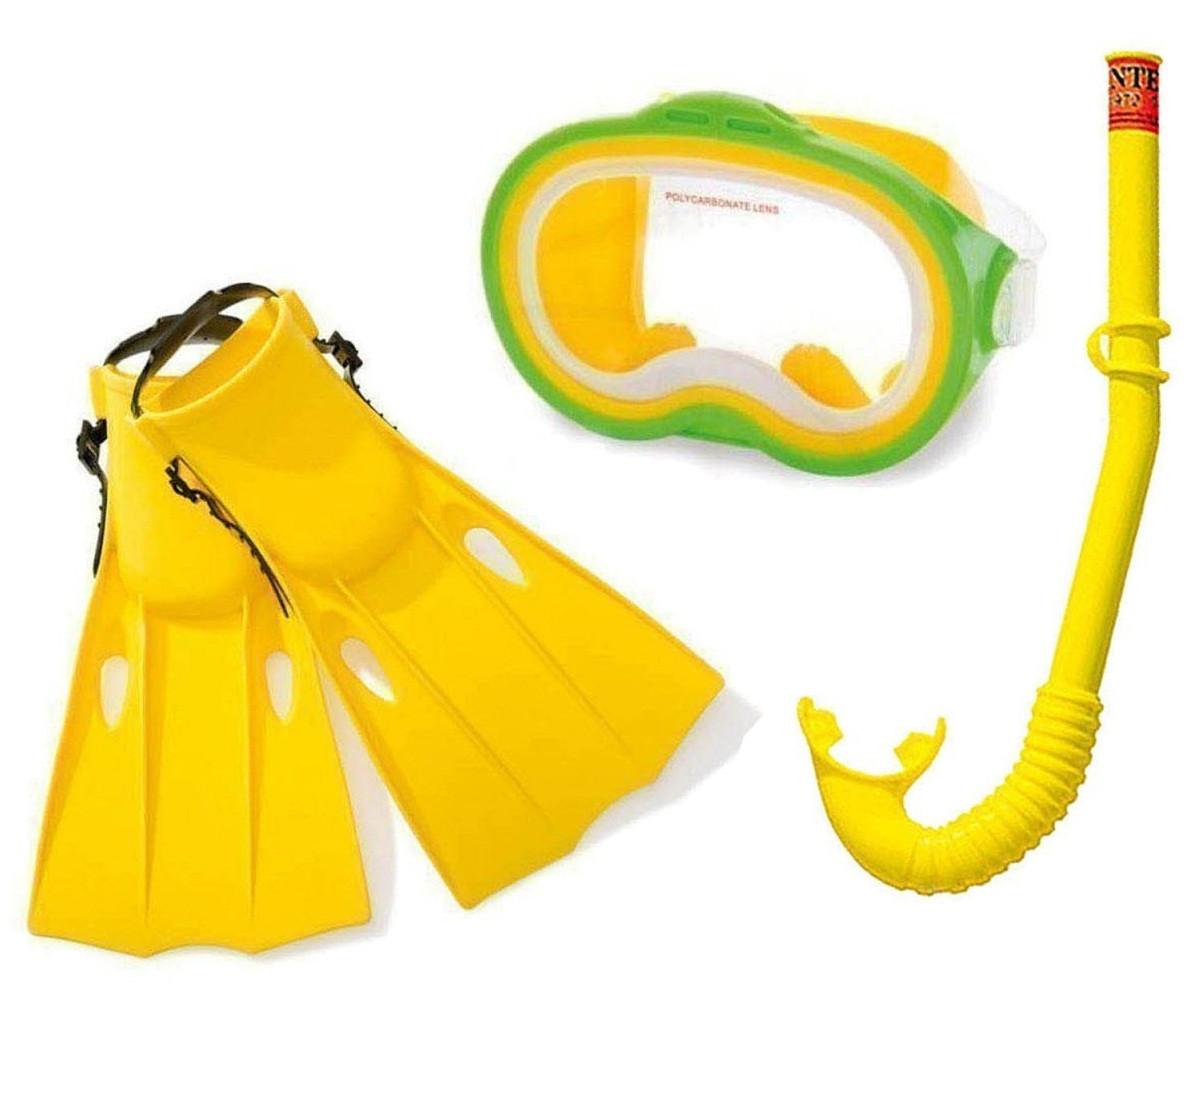 Набор для плавания Intex 55955 24-26 см детский комплект для дайвинга желтый